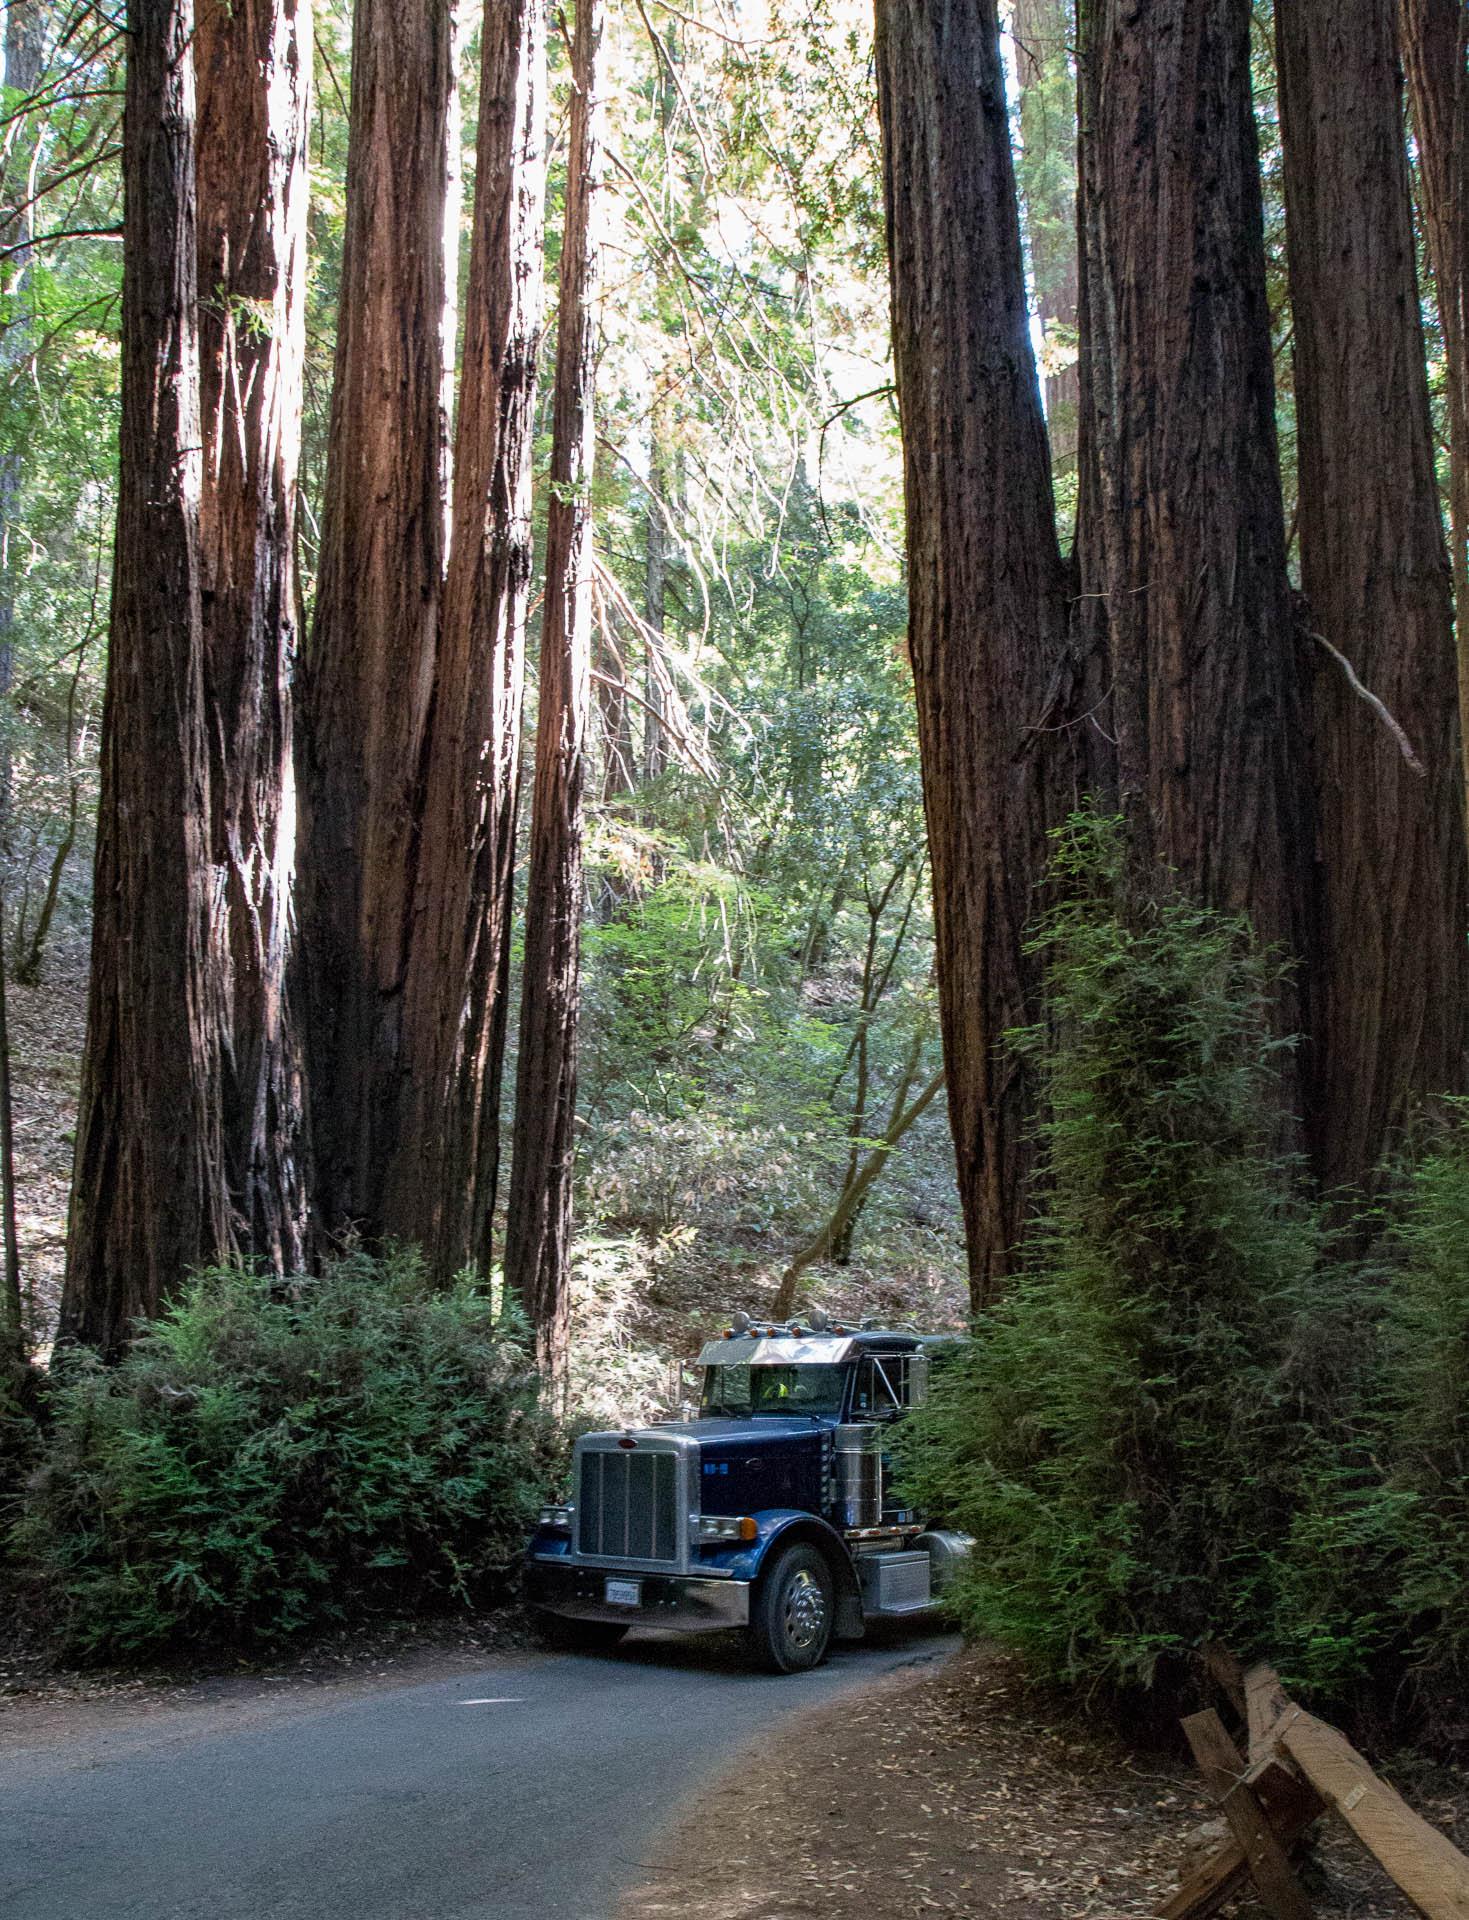 redwoodtruck